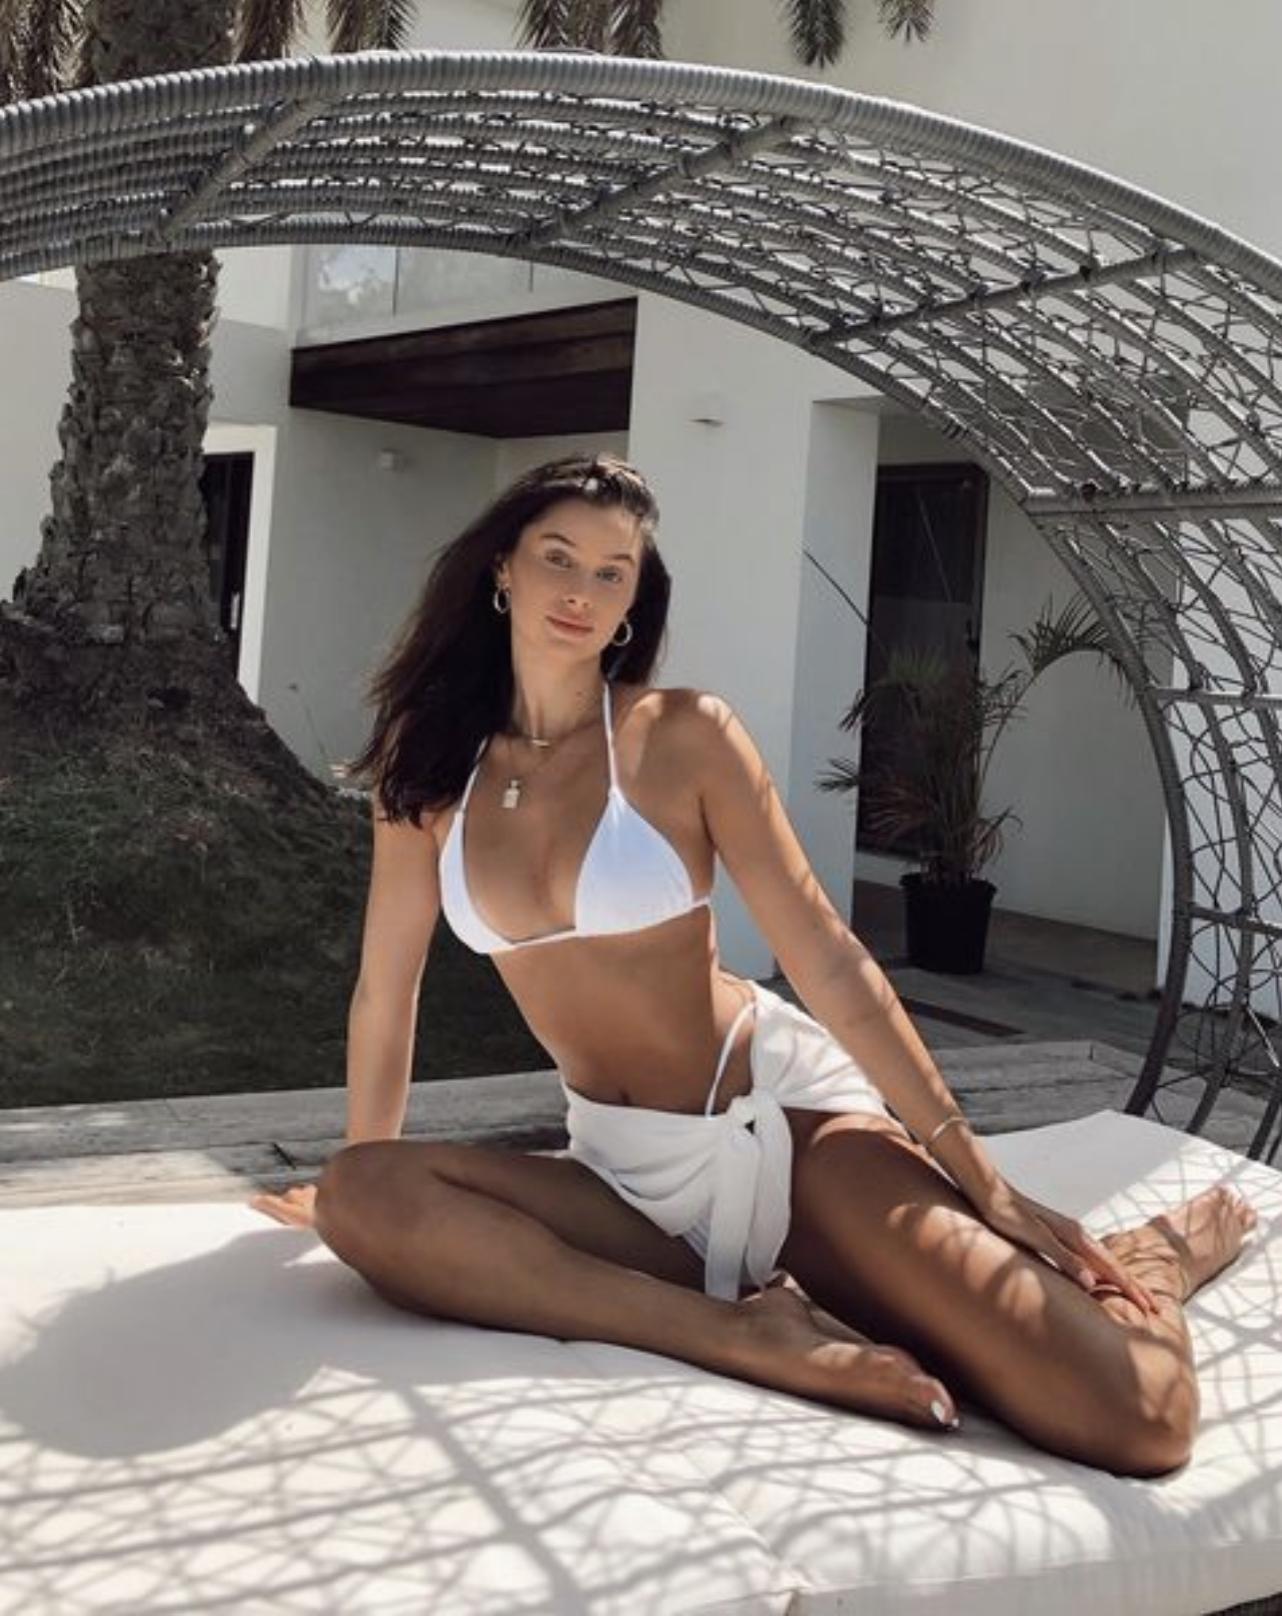 Джеймс Мэддисон впервые стал отцом! Его подруга Кеннеди Алекса — известная  британская модель